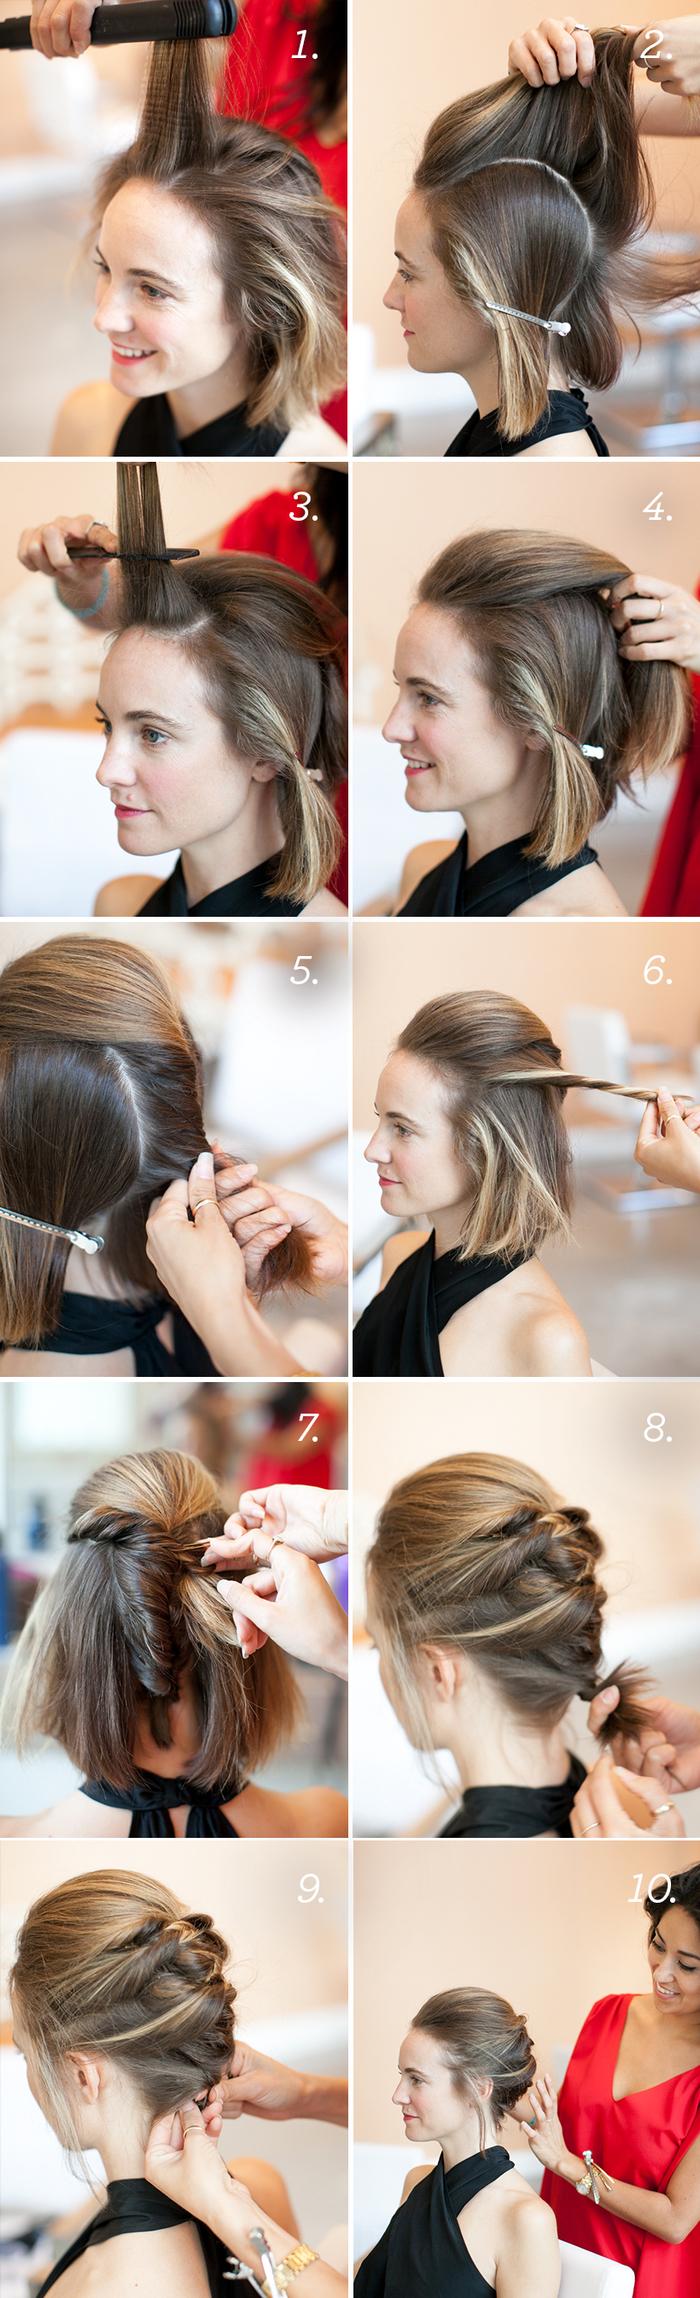 Comment coiffer des cheveux courts \u2013 70 idées pour une coiffure qui met en  valeur les cheveux courts